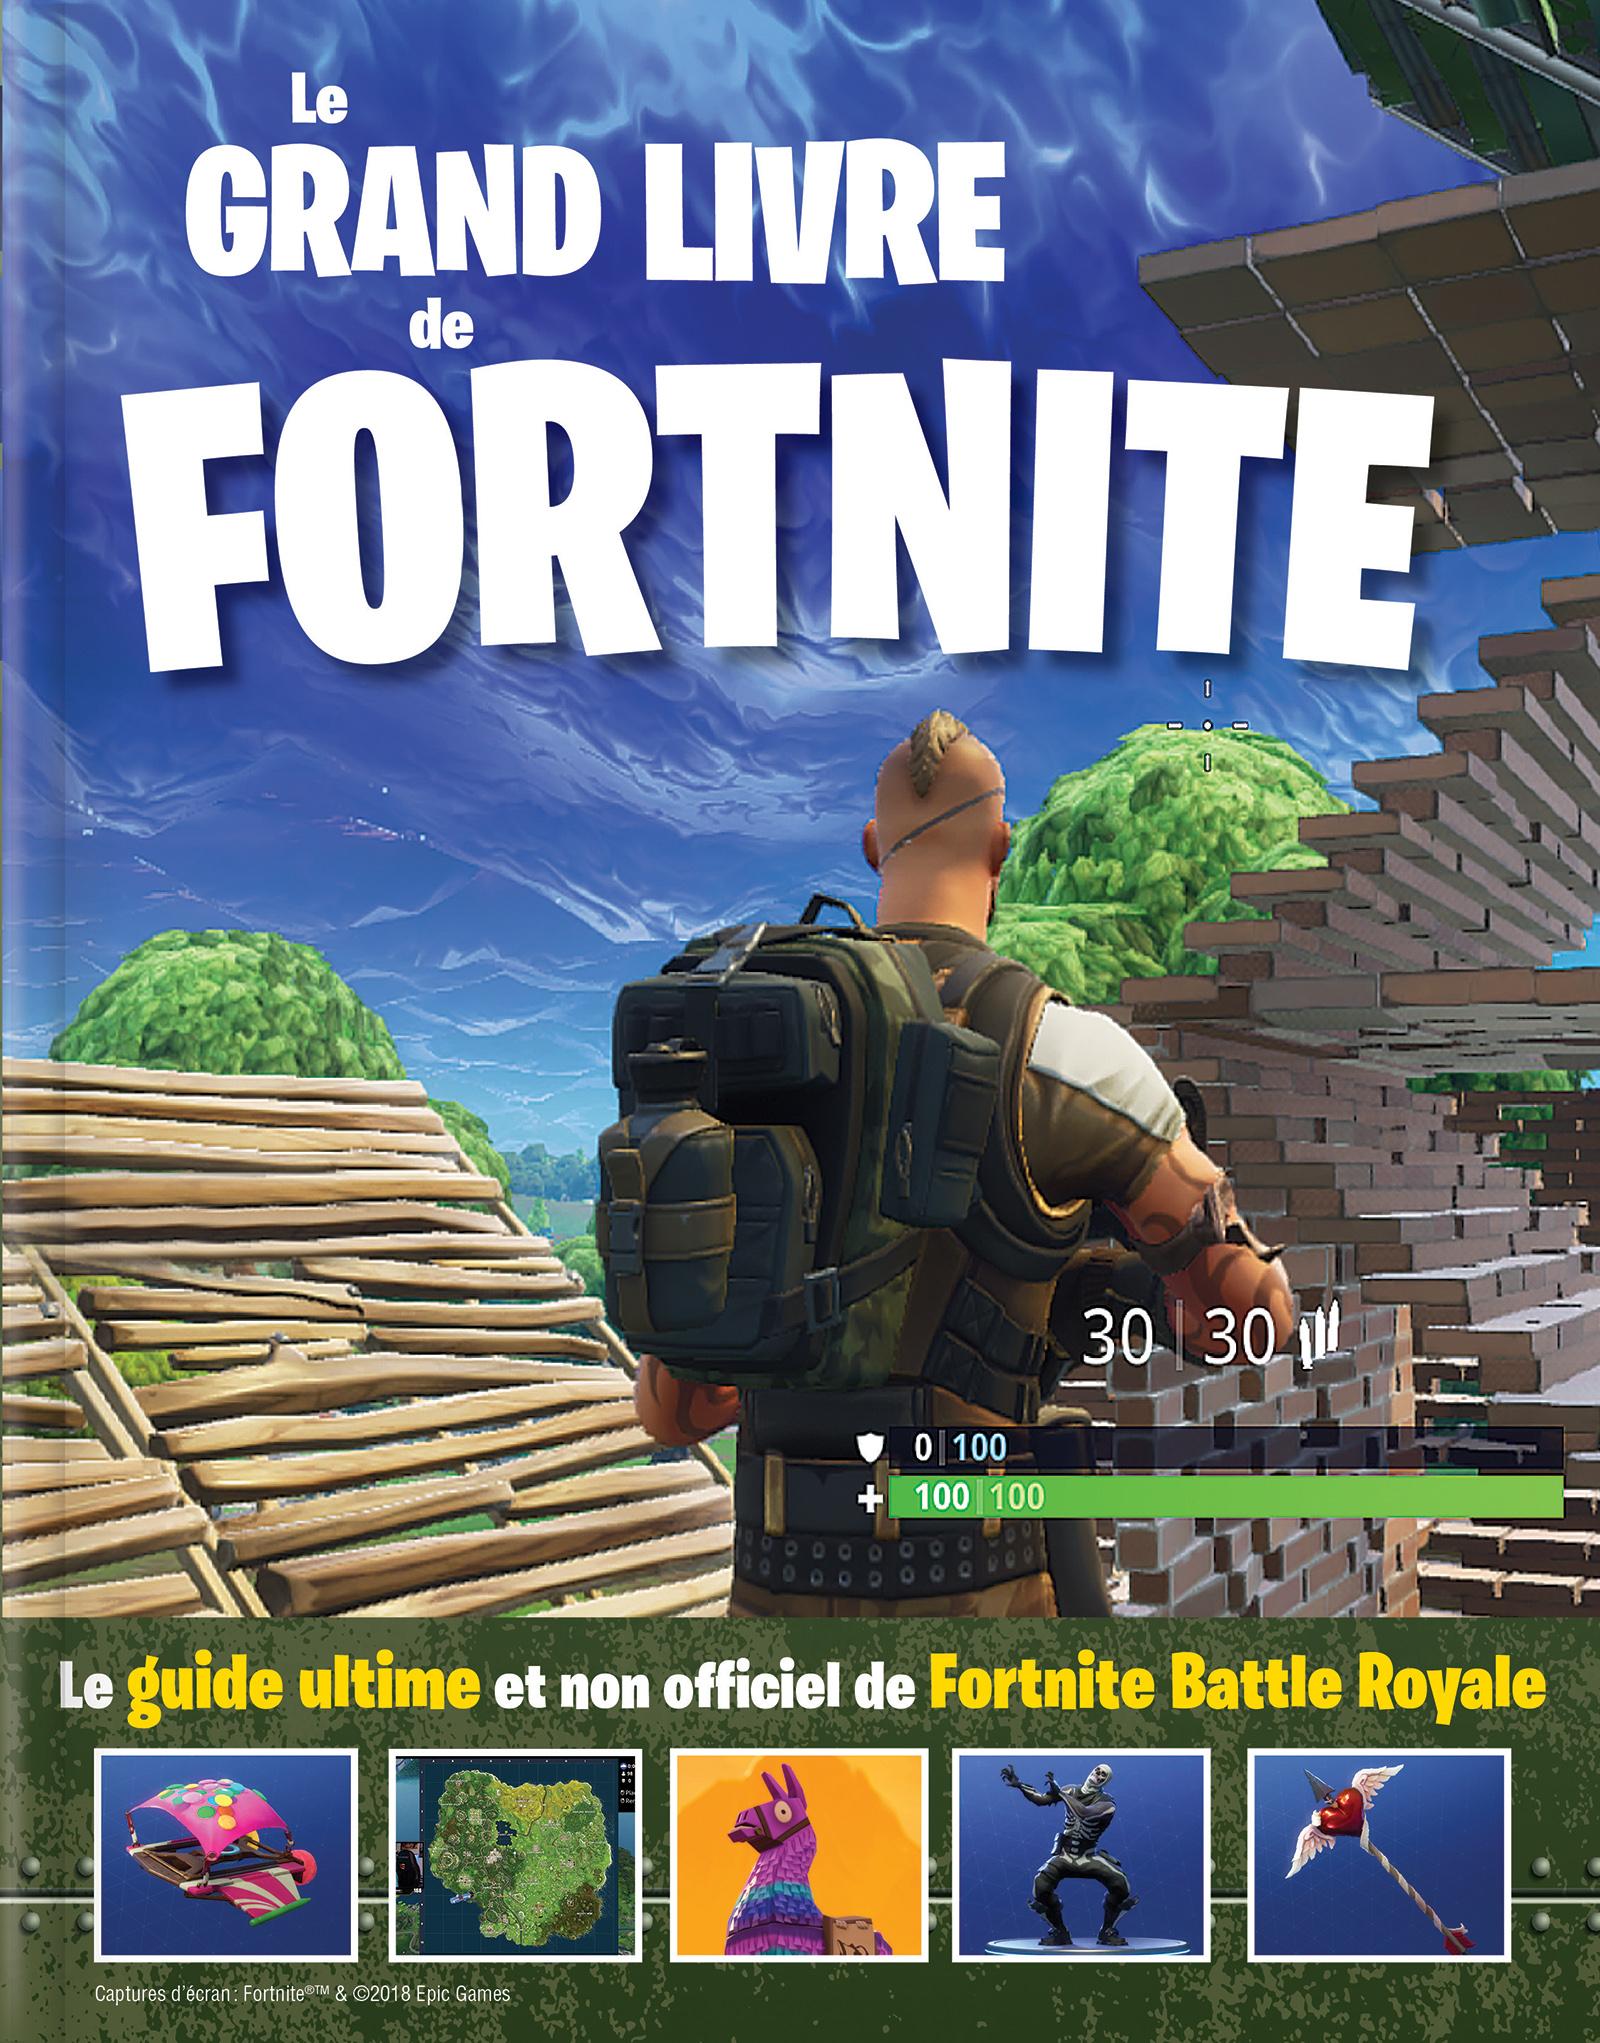 Le grand livre de Fortnite